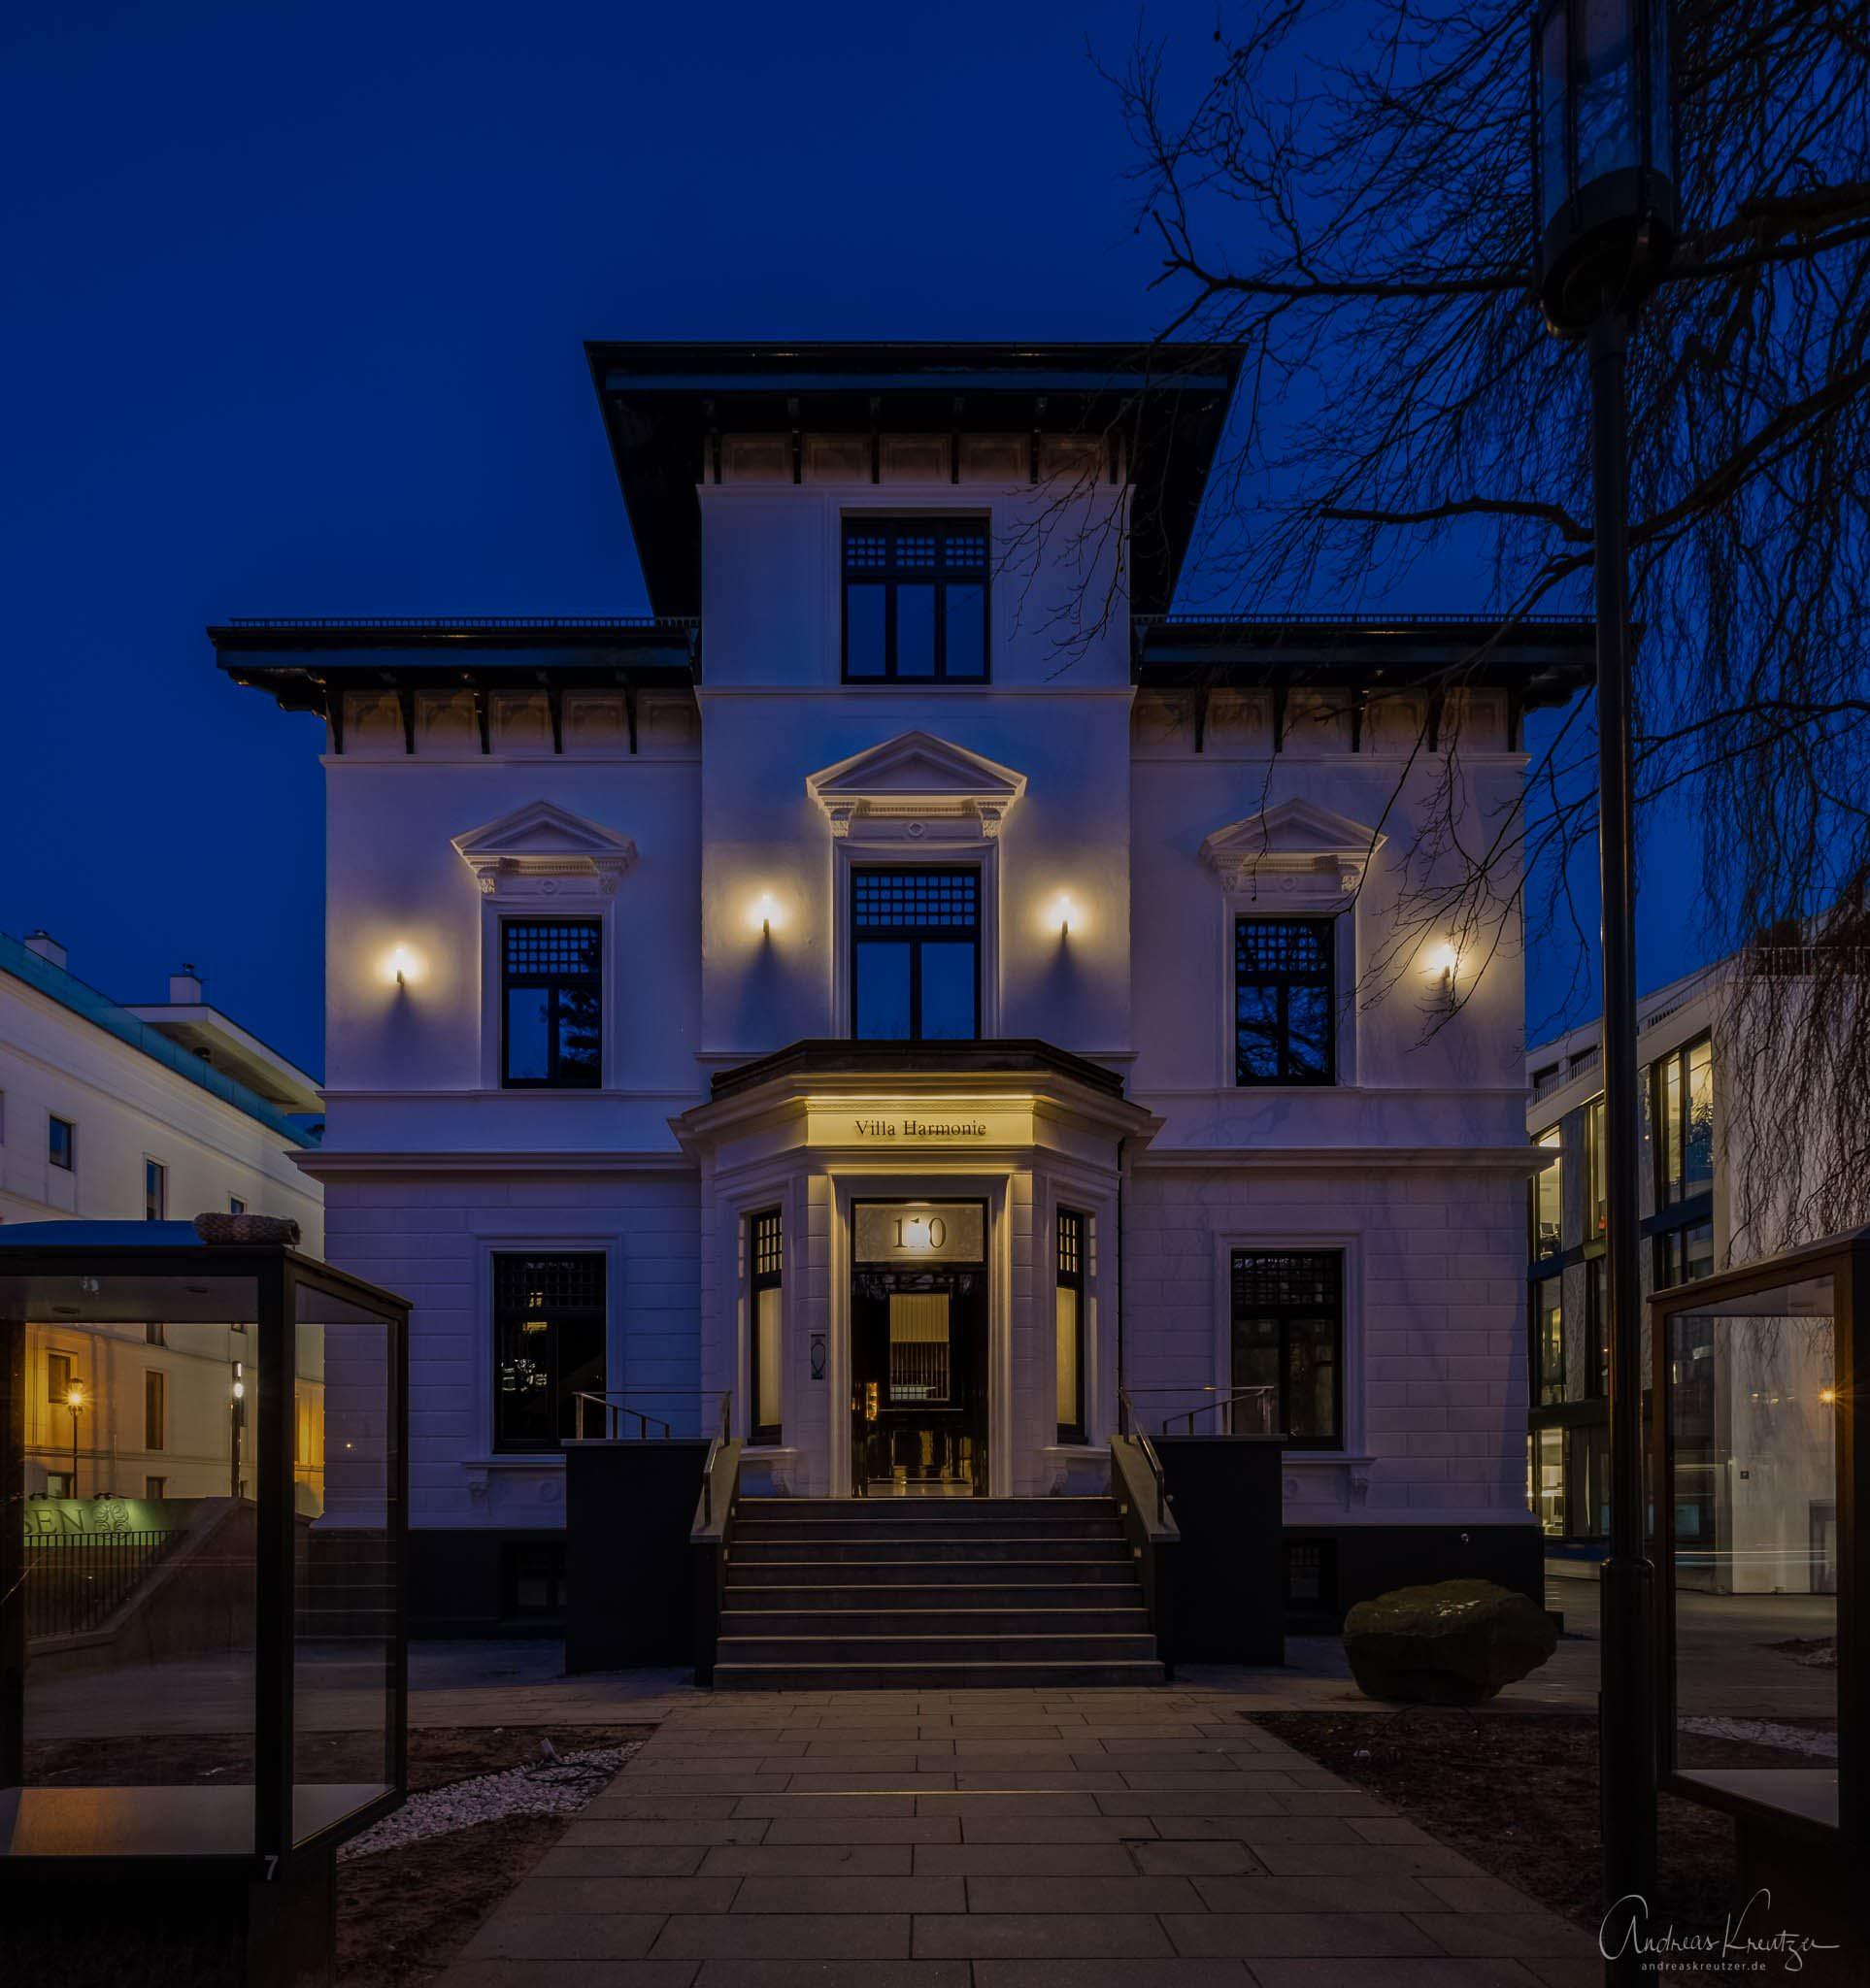 Villa Harmonie